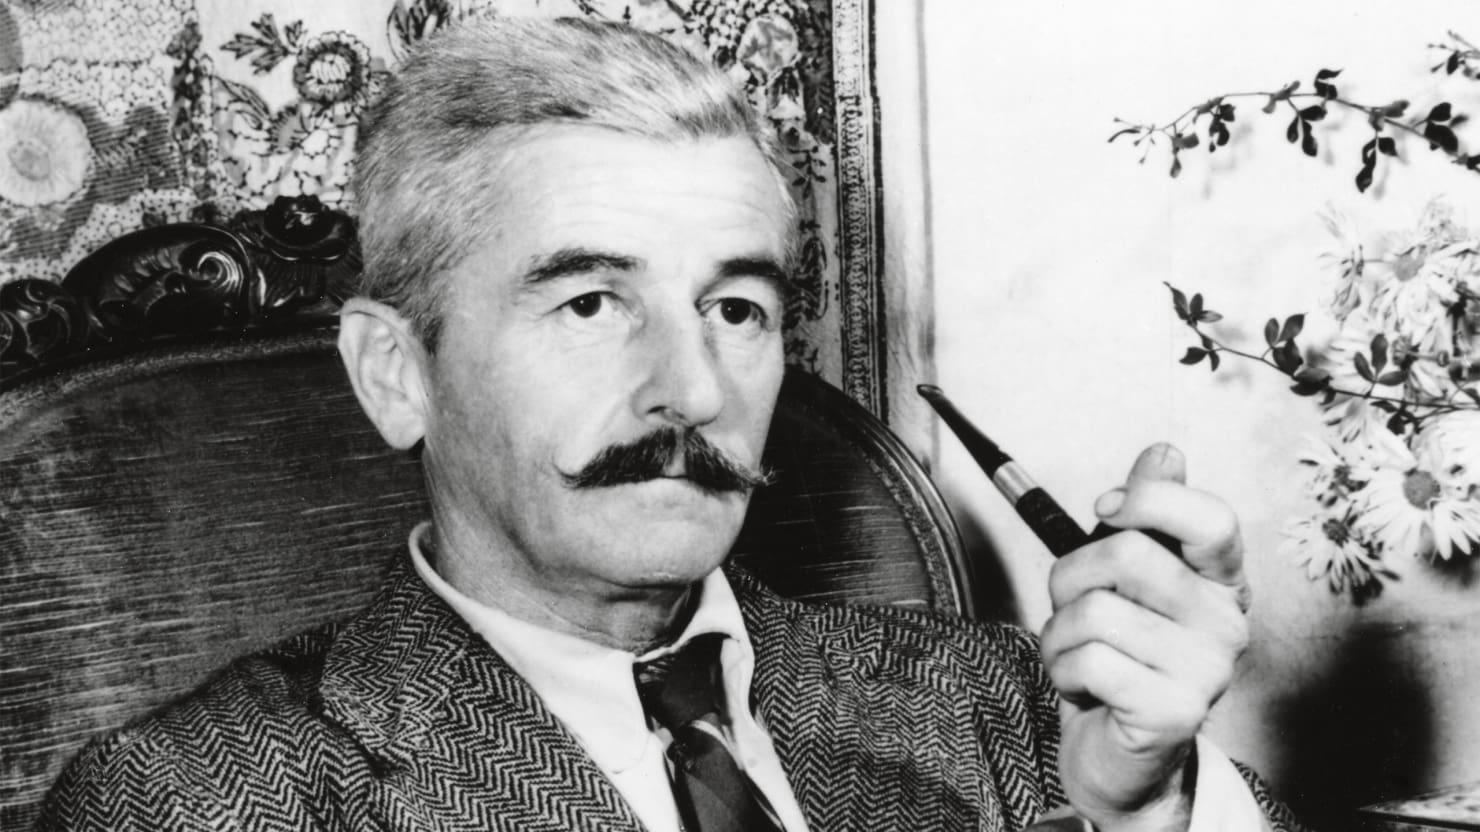 William Faulkner'dan kurmaca yazmak isteyenlere 7 tavsiye